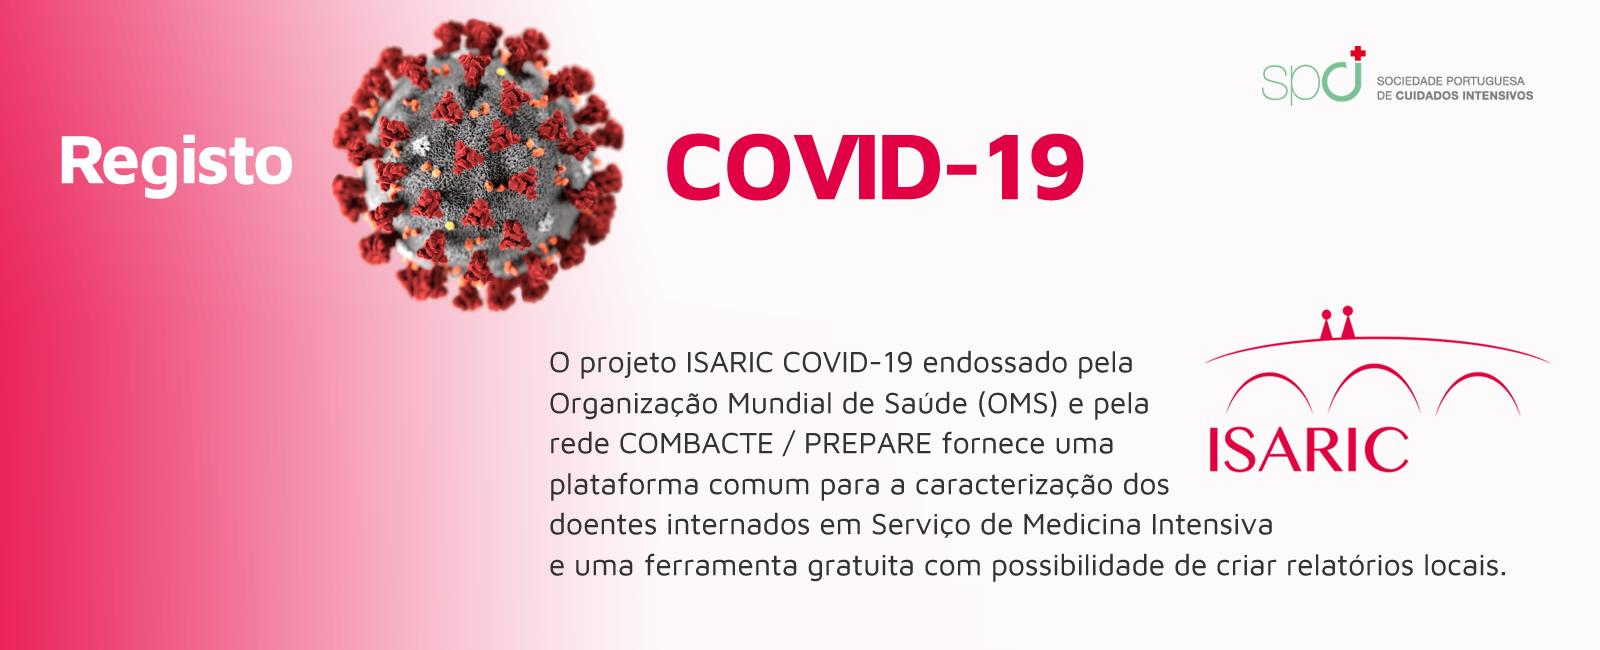 Projeto ISARIC COVID-19